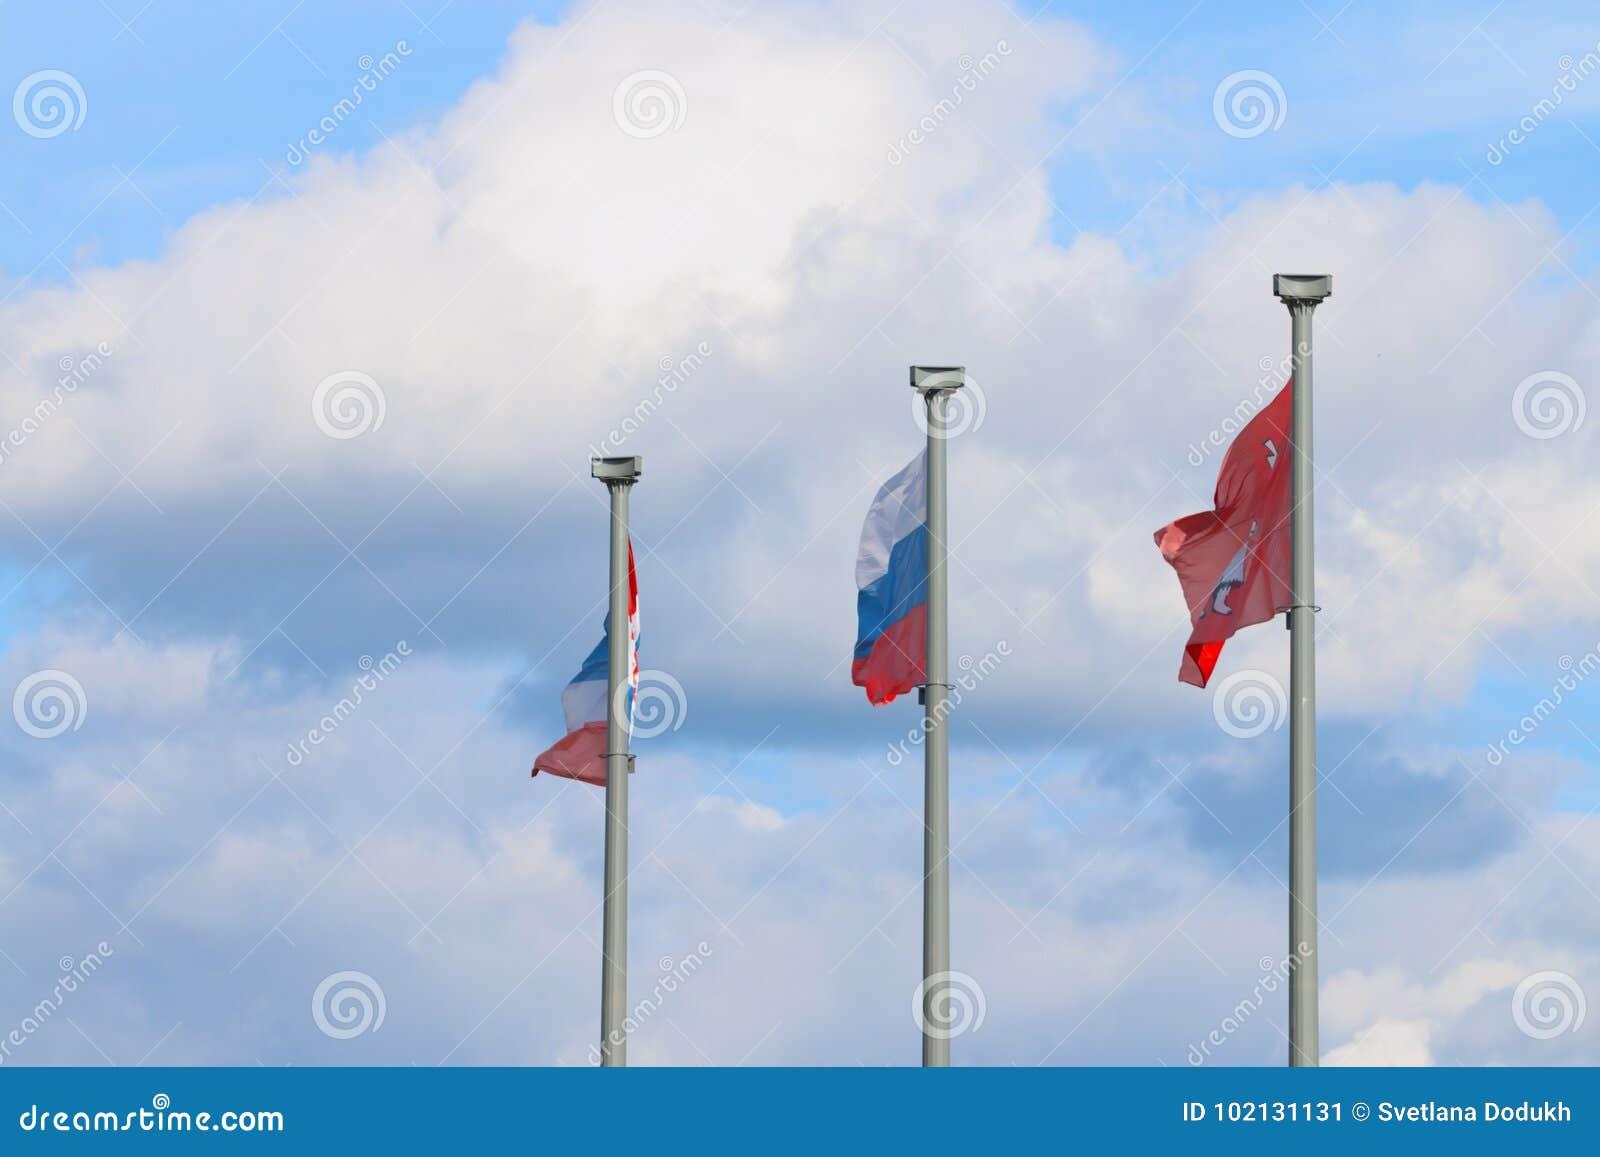 Τρεις σημαίες στους πόλους και τον ουρανό - σημαία της Ρωσίας, σημαία της πόλης Perm